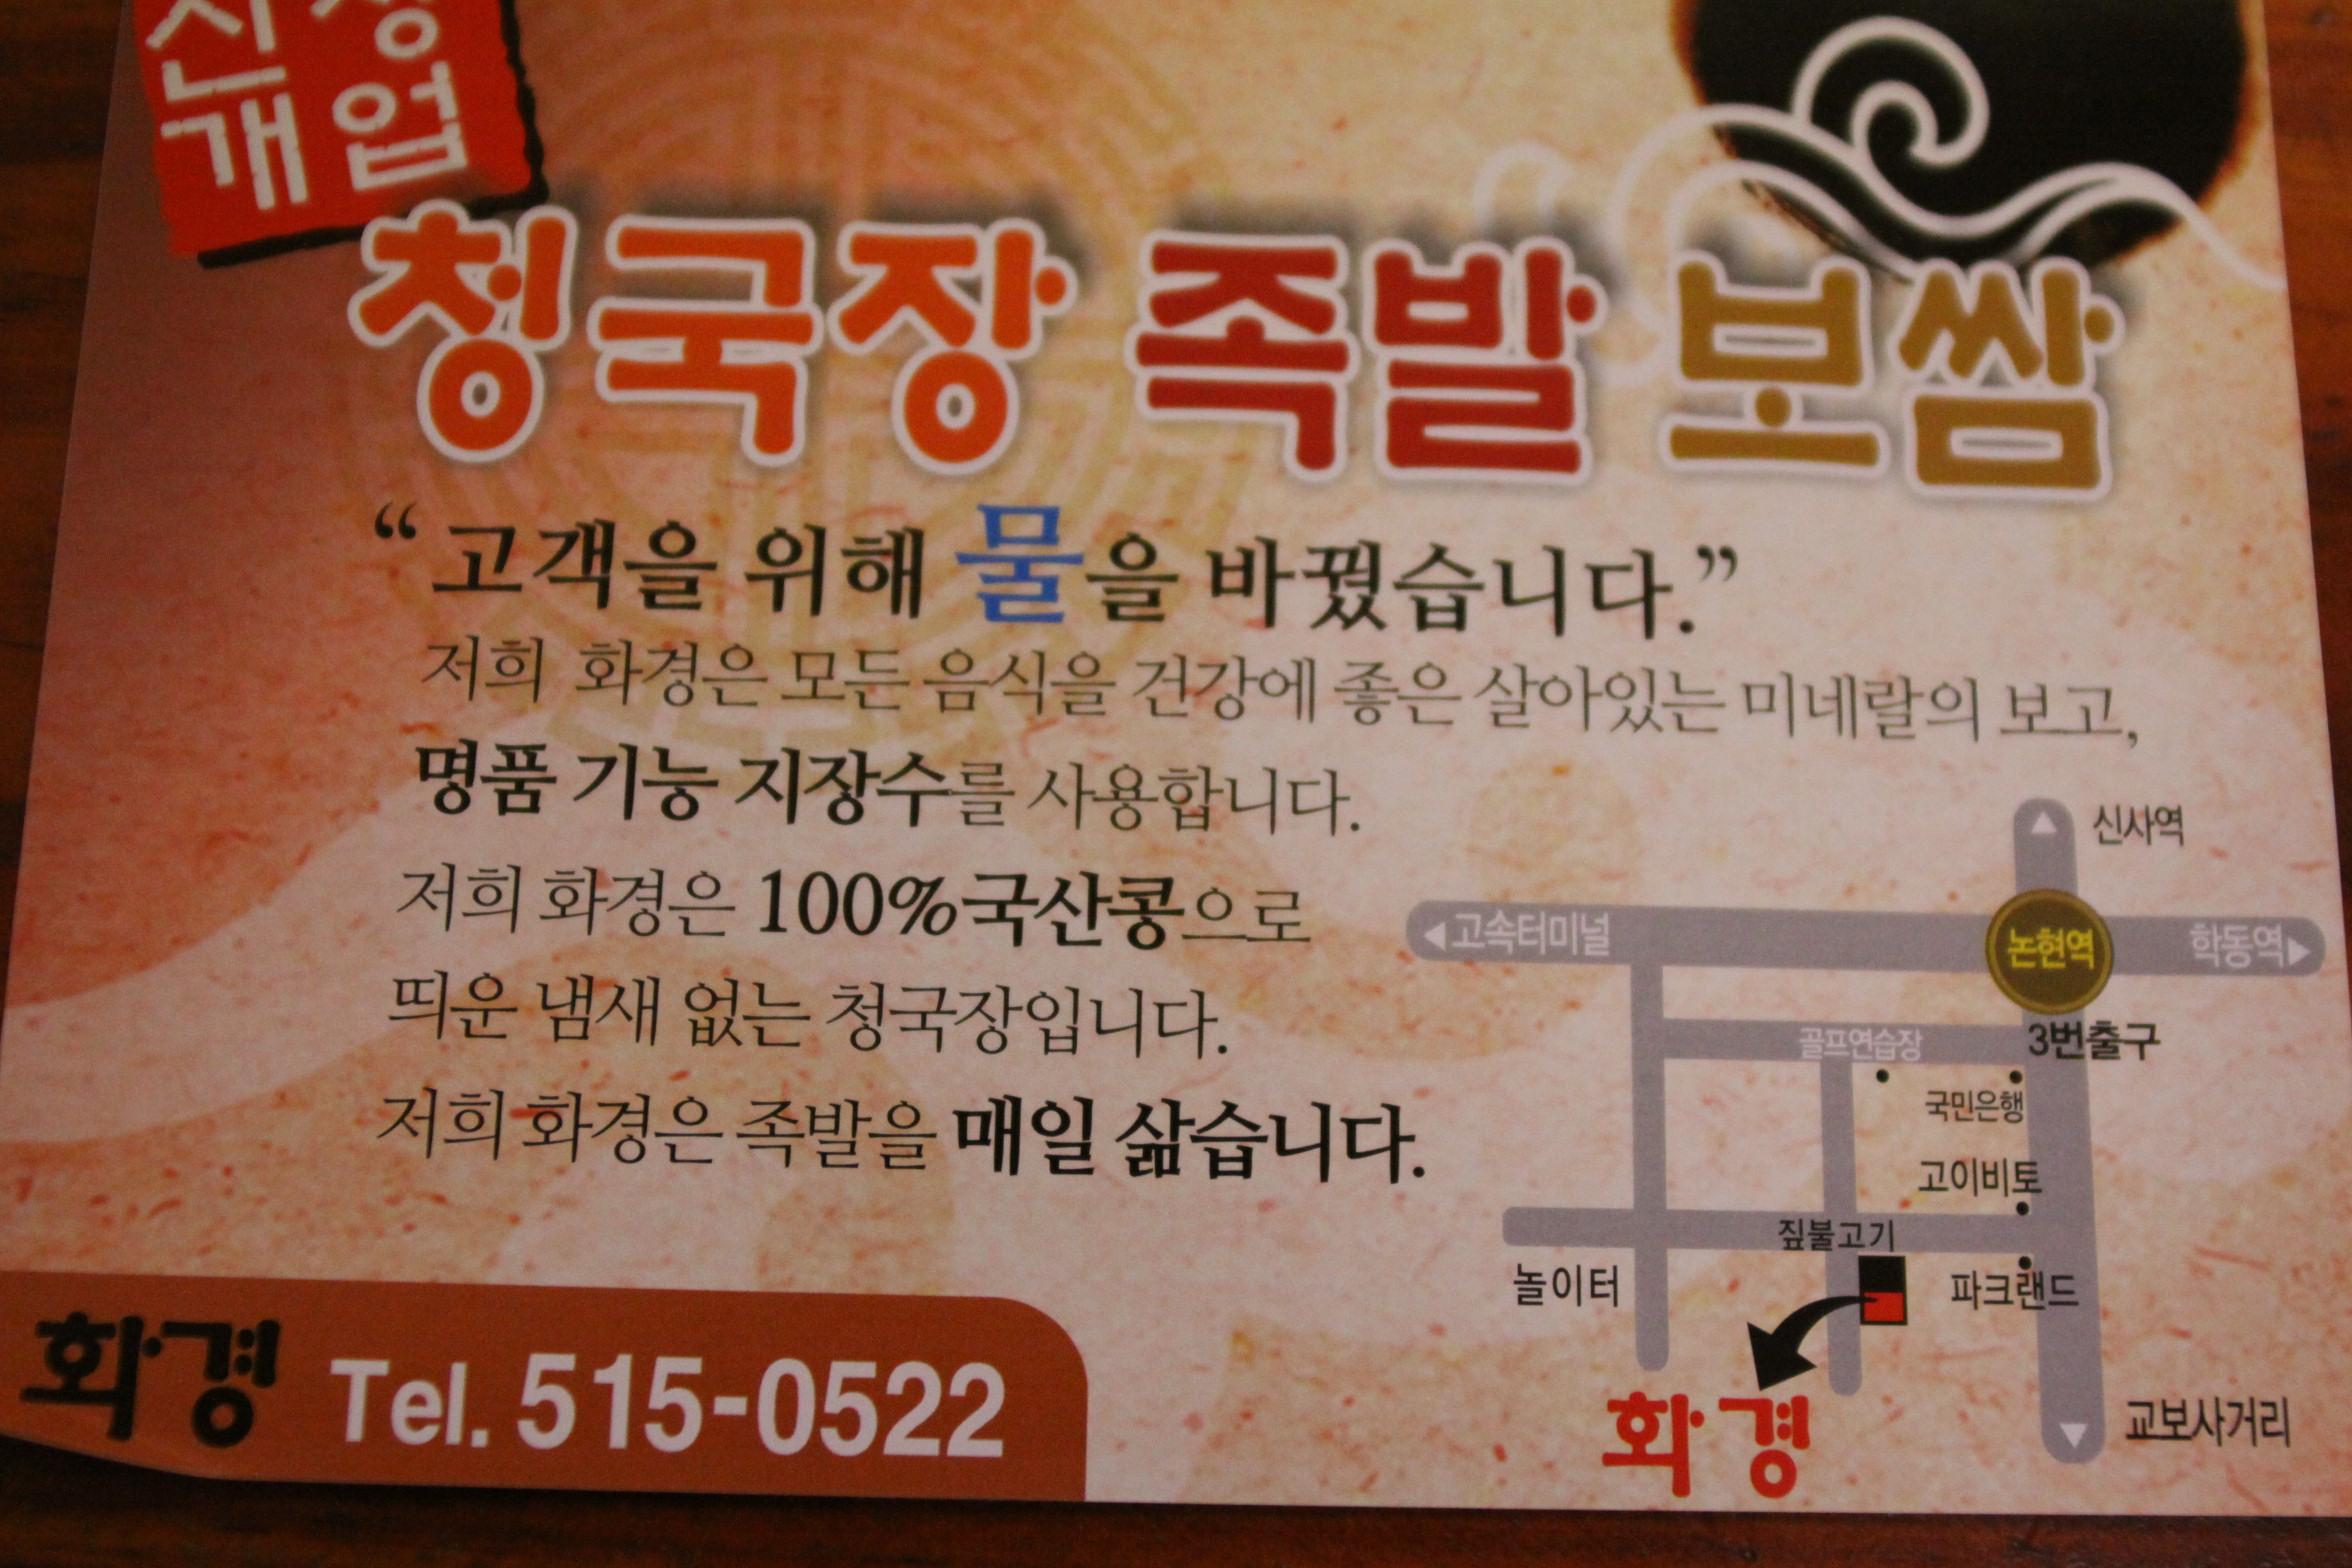 논현맛집 화경족발엔 쫀득한 족발과 웰빙영양식 ..